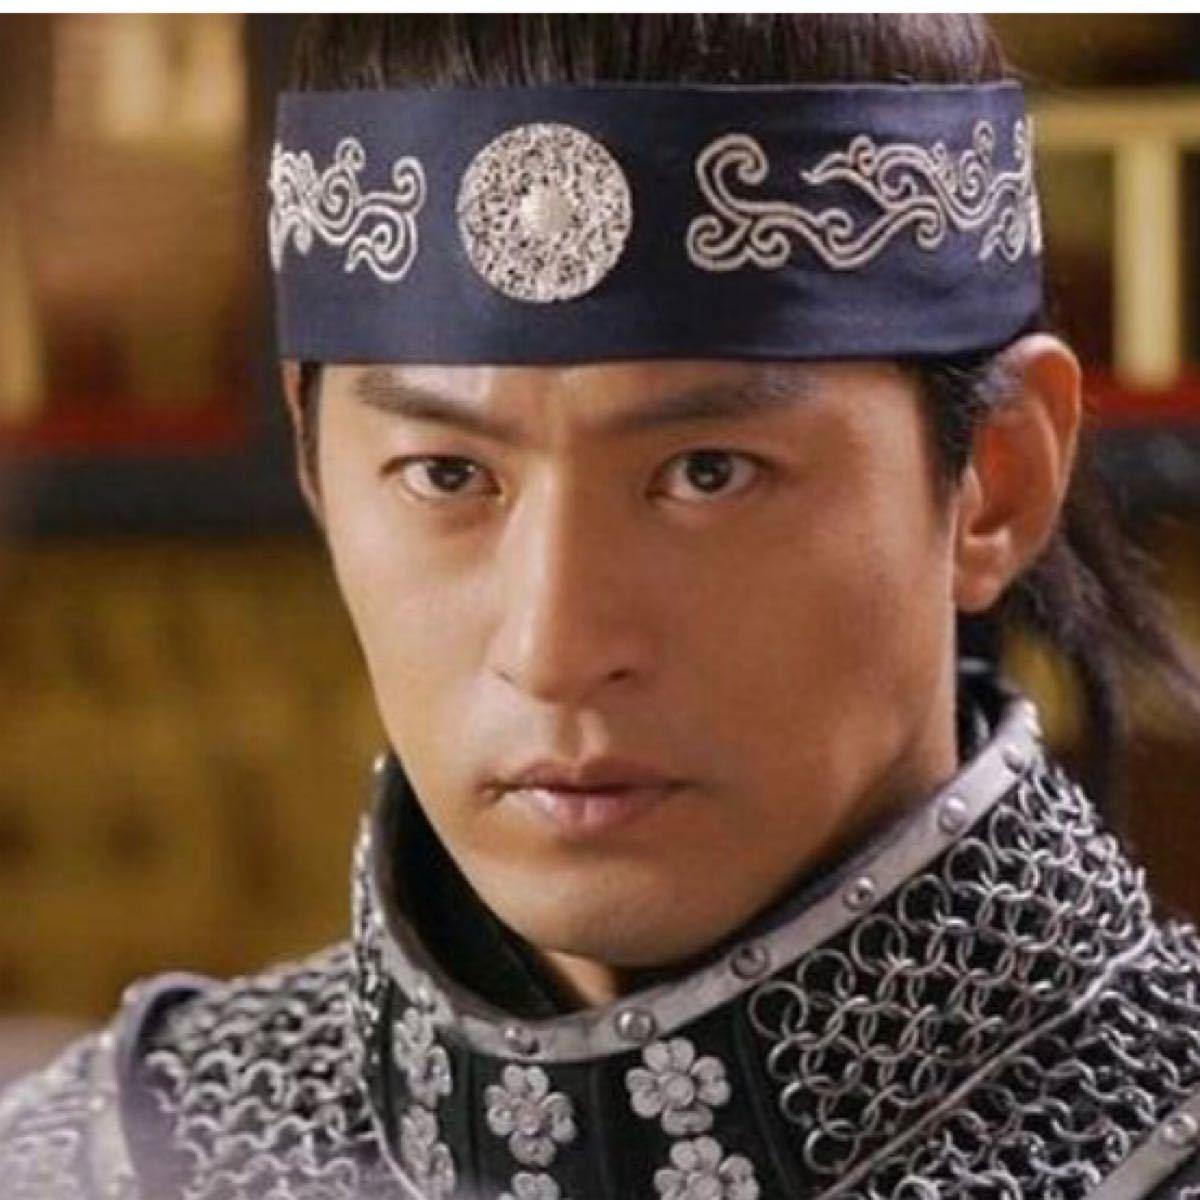 【 奇皇后】 Blu-ray3枚組  全51話   チ・チャンウク主演他   韓国ドラマ  日本語吹き替えあり